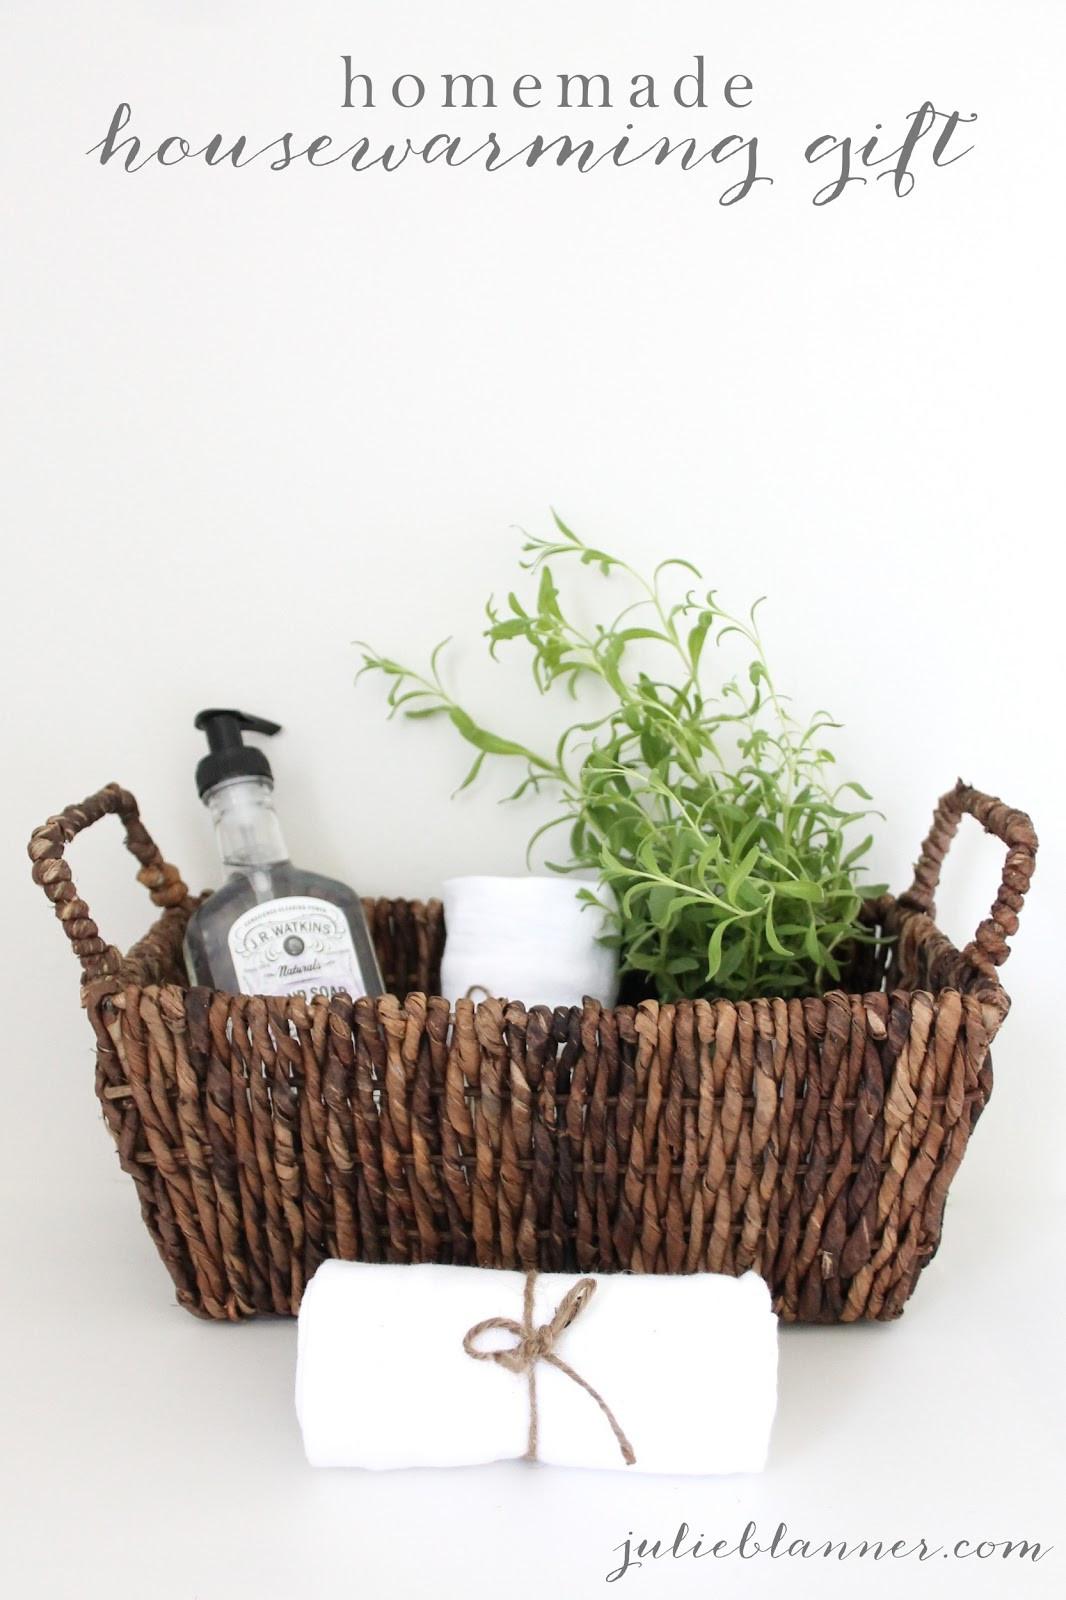 Best Housewarming Gift Ideas  Homemade Housewarming Gift Julie Blanner